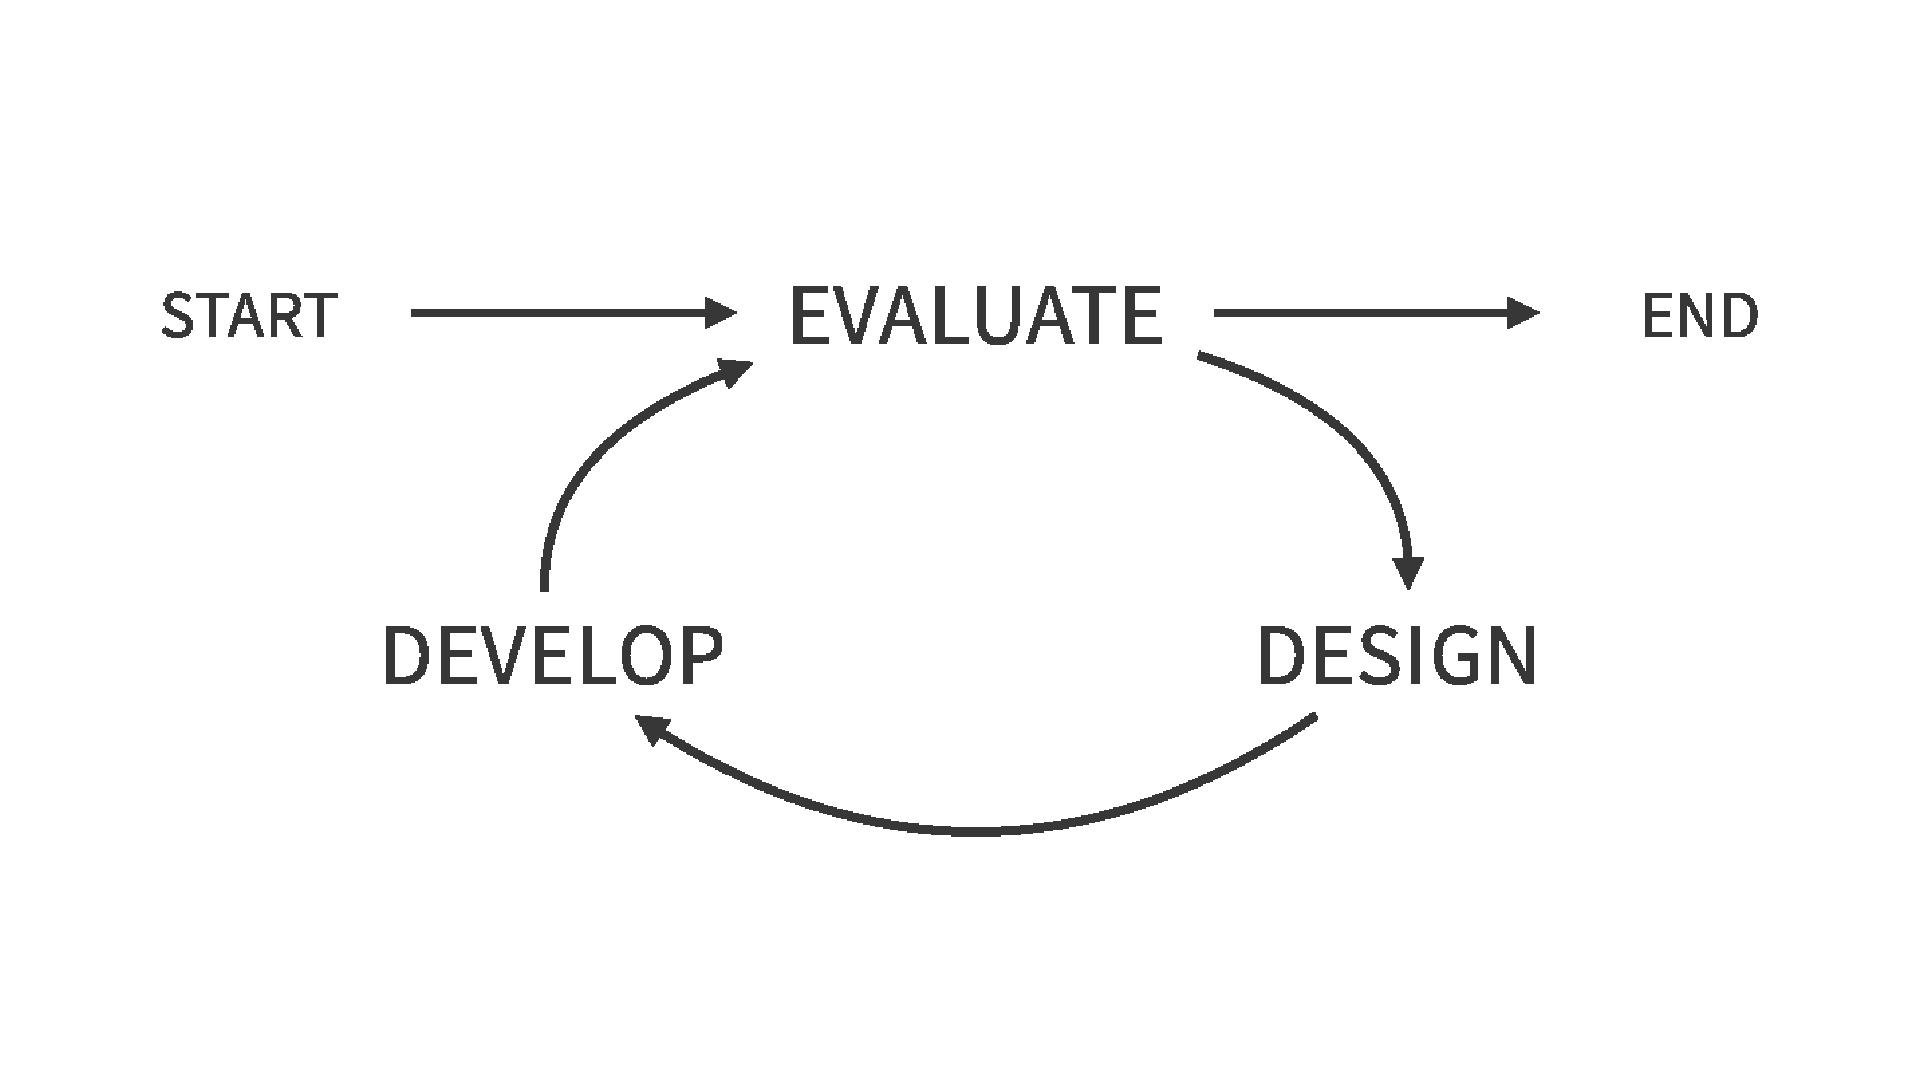 Die drei Phasen des SAM Modells vom Start bis zum Ende